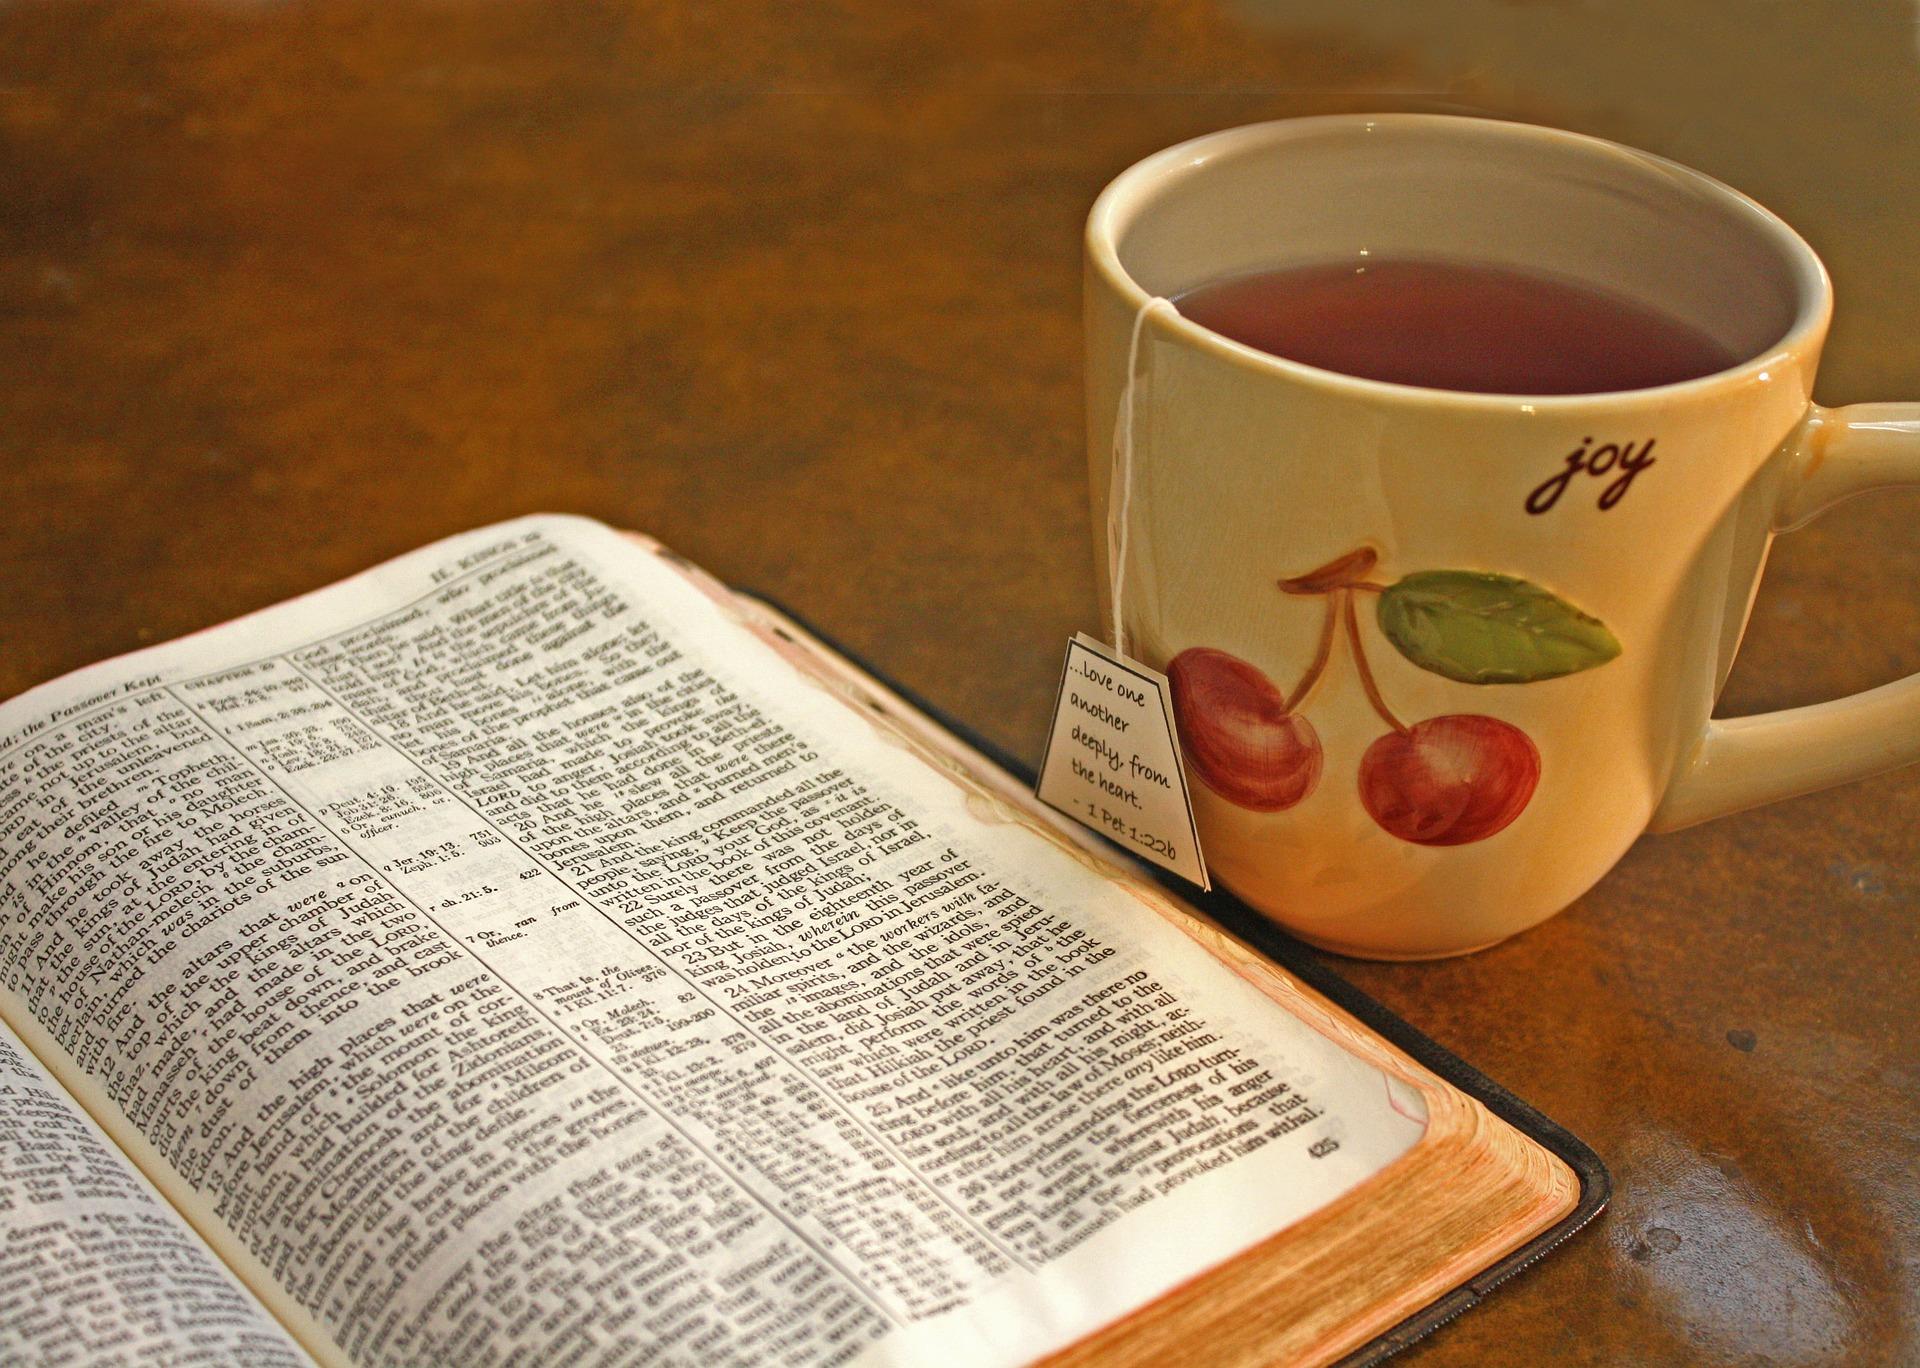 bible-2276726_1920.jpg